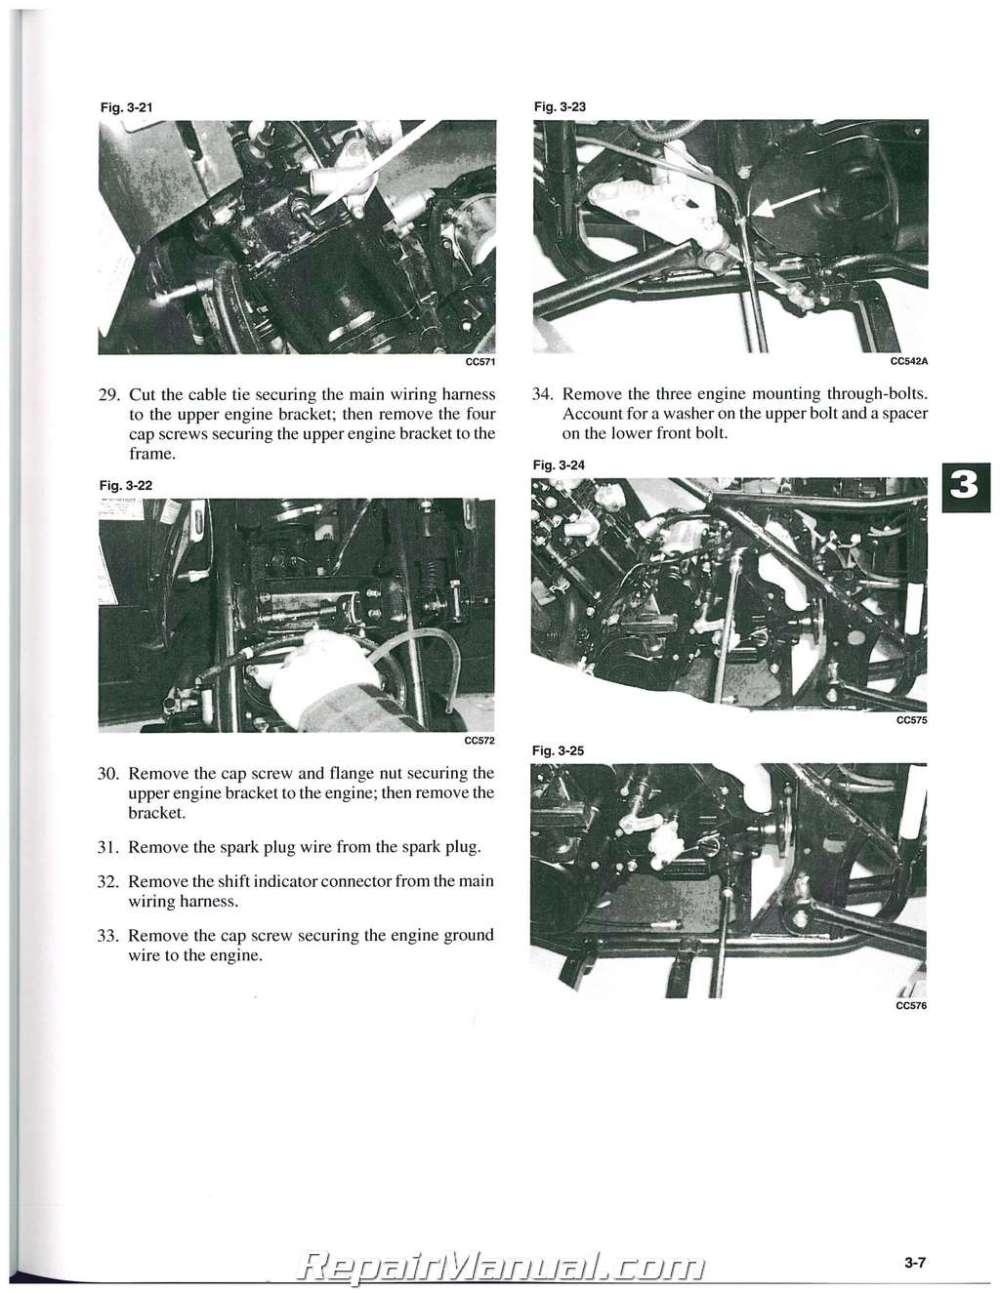 medium resolution of arctic cat snowmobile repair manuals